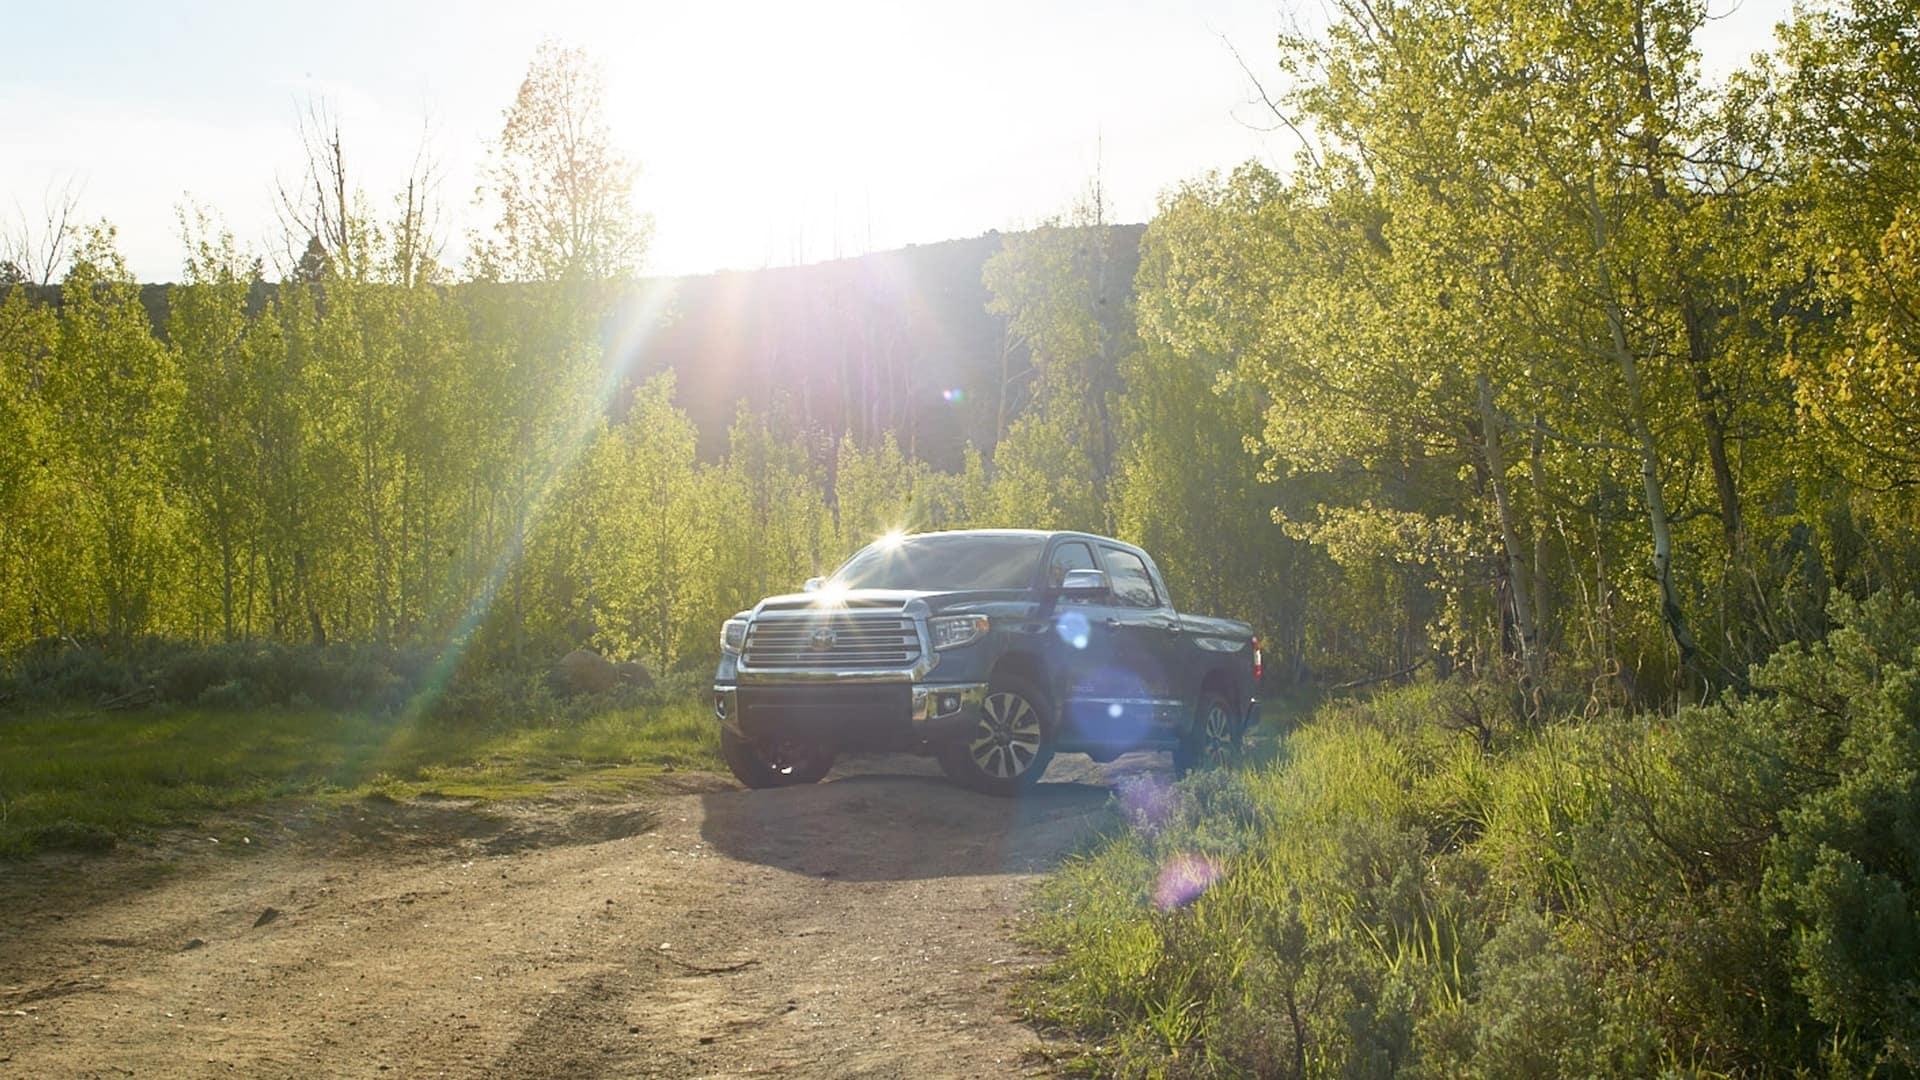 Test drive the 2020 Toyota Tundra near Warwick RI